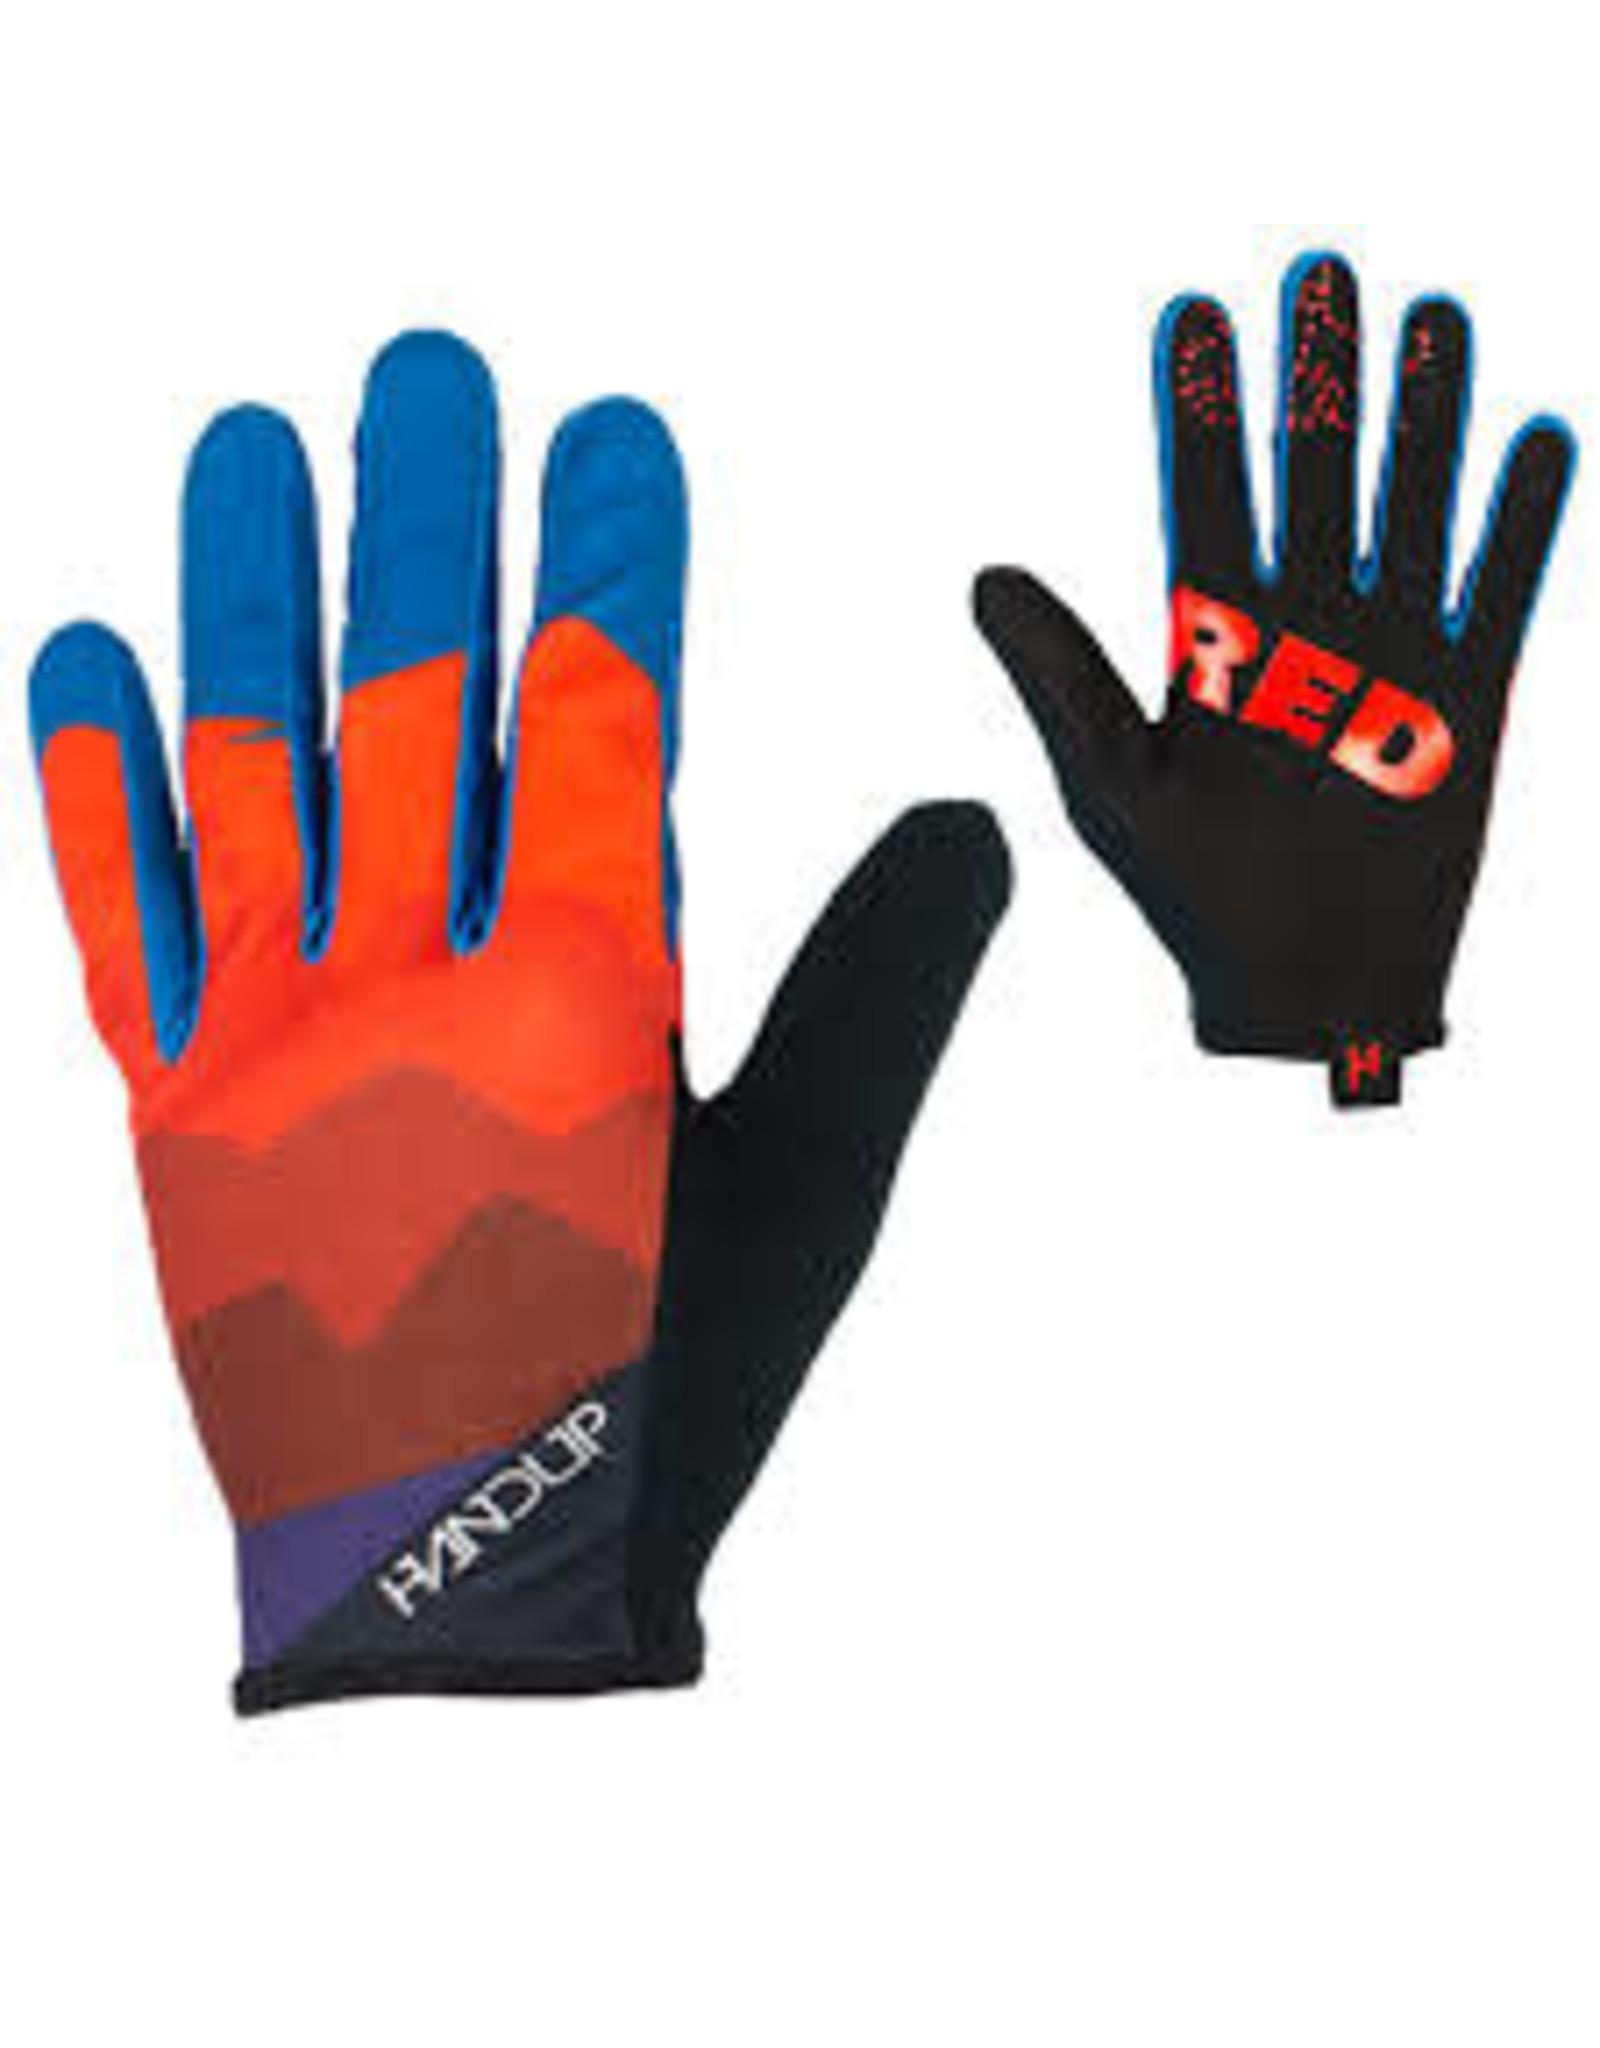 Handup Gloves Glove Handup Shredona Medium